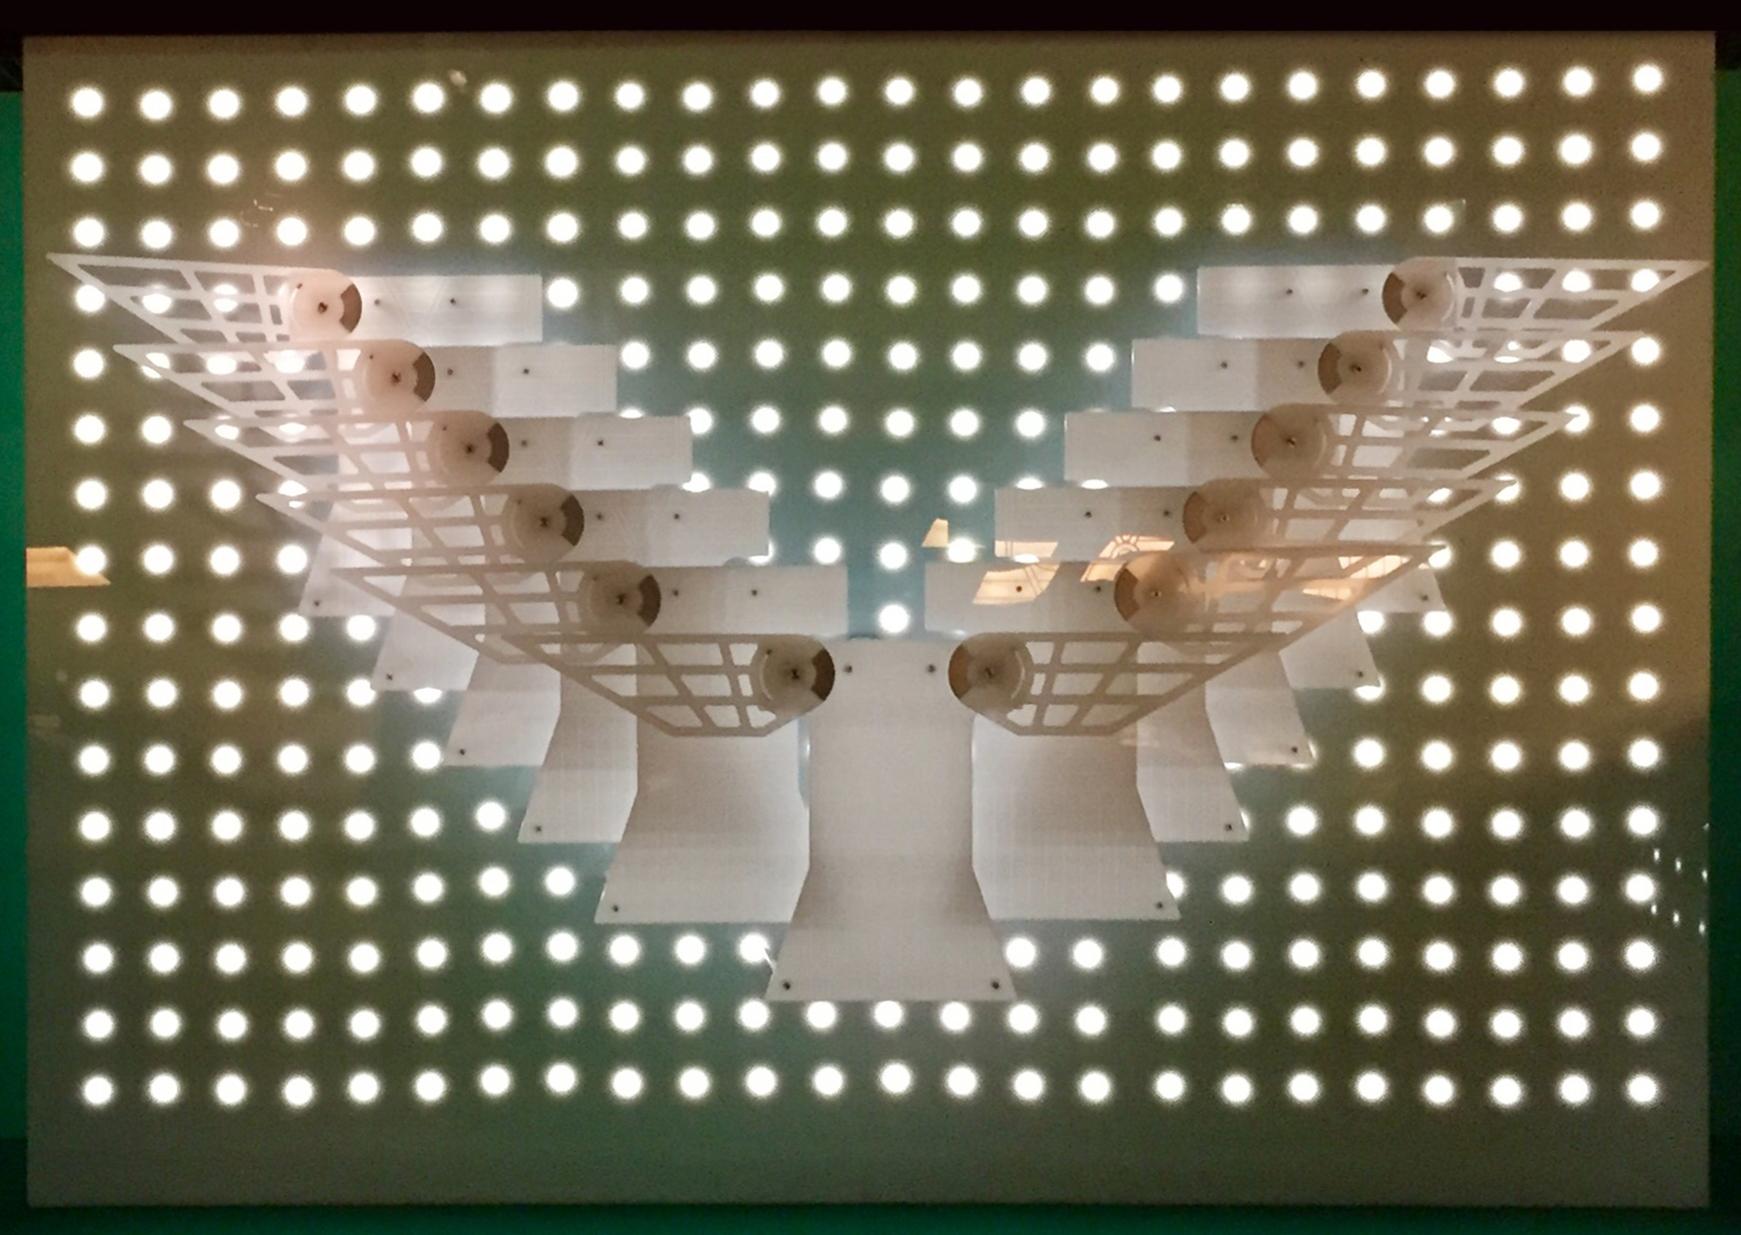 Инсталляция динамическая, имитирующая взмахи крыльев